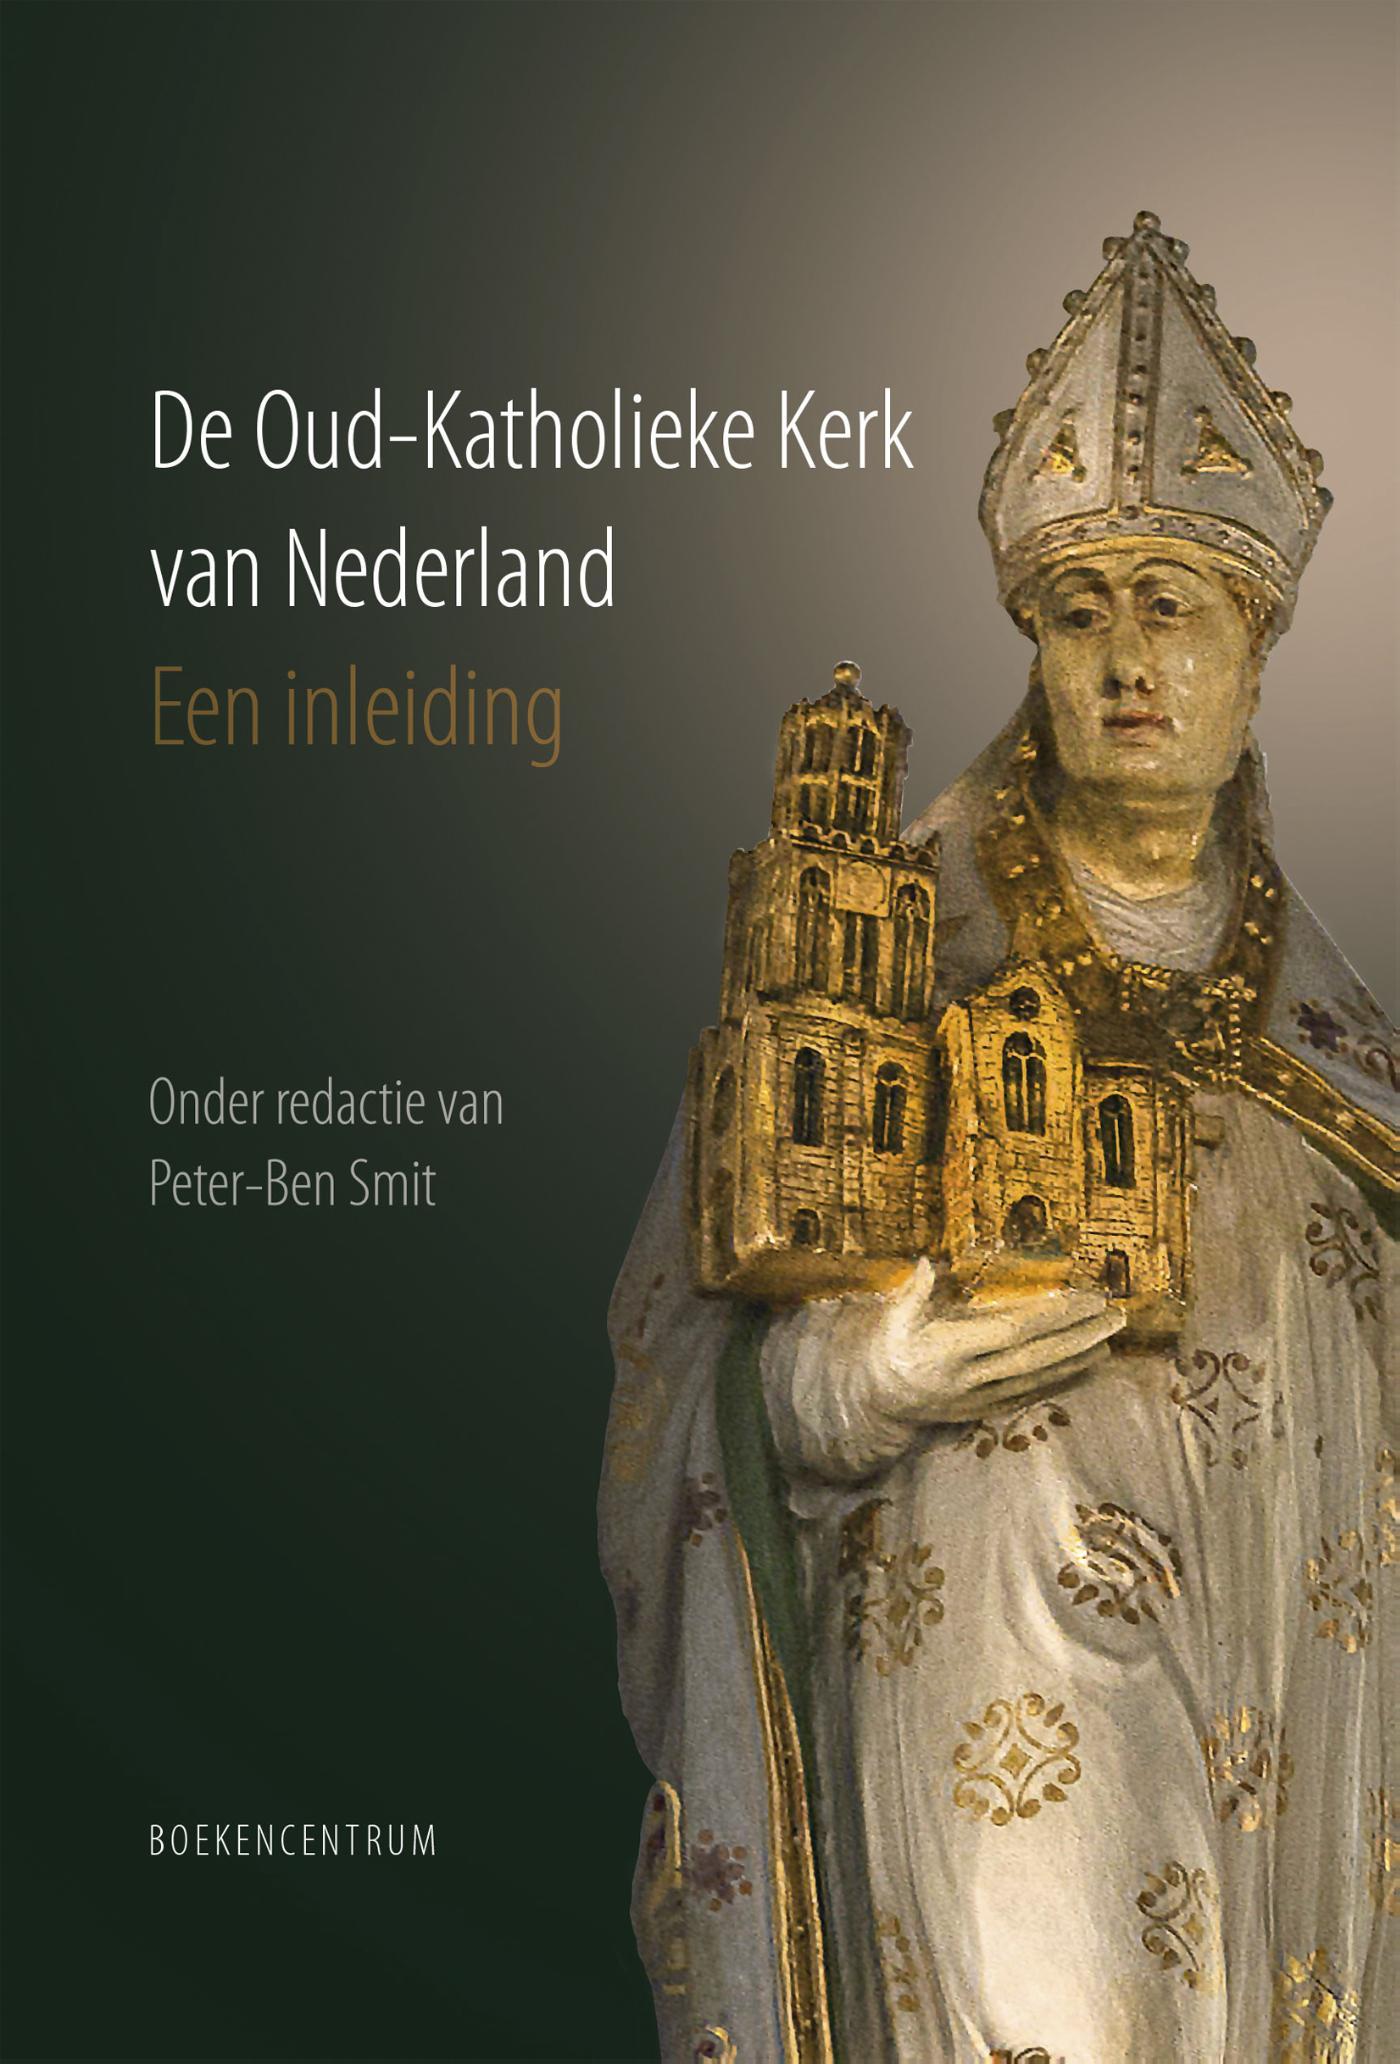 Cover De Oud-Katholieke Kerk van Nederland